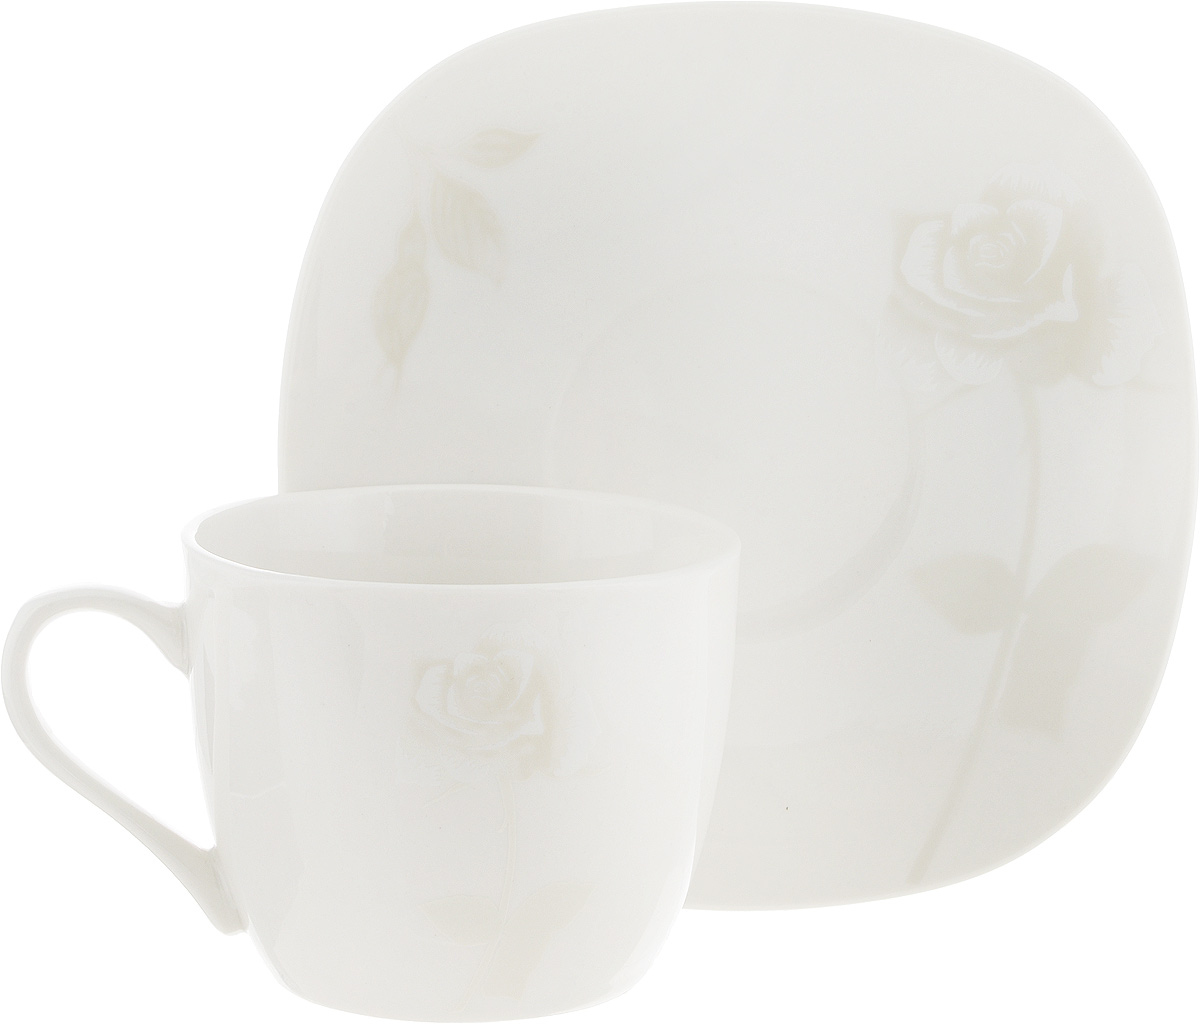 Чайная пара Жемчужная роза, цвет: молочный, 2 предмета1333006_йоркширский терьер, кот и ромашкиЧайная пара Жемчужная роза состоит из чашки и блюдца, изготовленных из высококачественной керамики. Красочность оформления придется по вкусу ценителям утонченности и изысканности. Диаметр чашки по верхнему краю:8 см. Высота чашки: 7 см. Объем чашки: 220 мл. Размер блюдца: 15 см х 15 см.